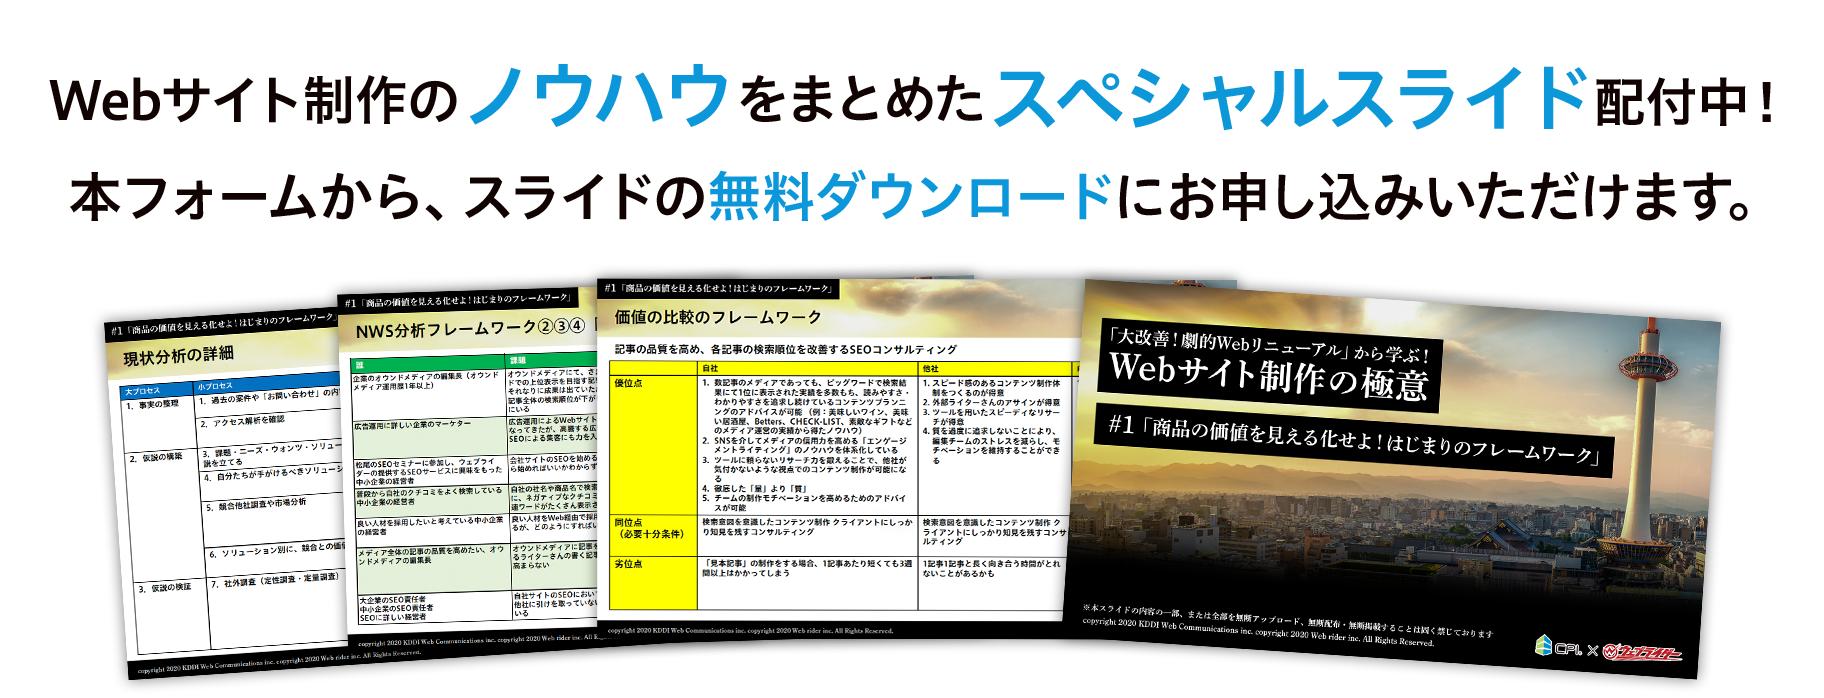 Webサイト制作のノウハウをまとめたスペシャルスライド配付中!本フォームから、スライドの無料ダウンロードにお申し込みいただけます。